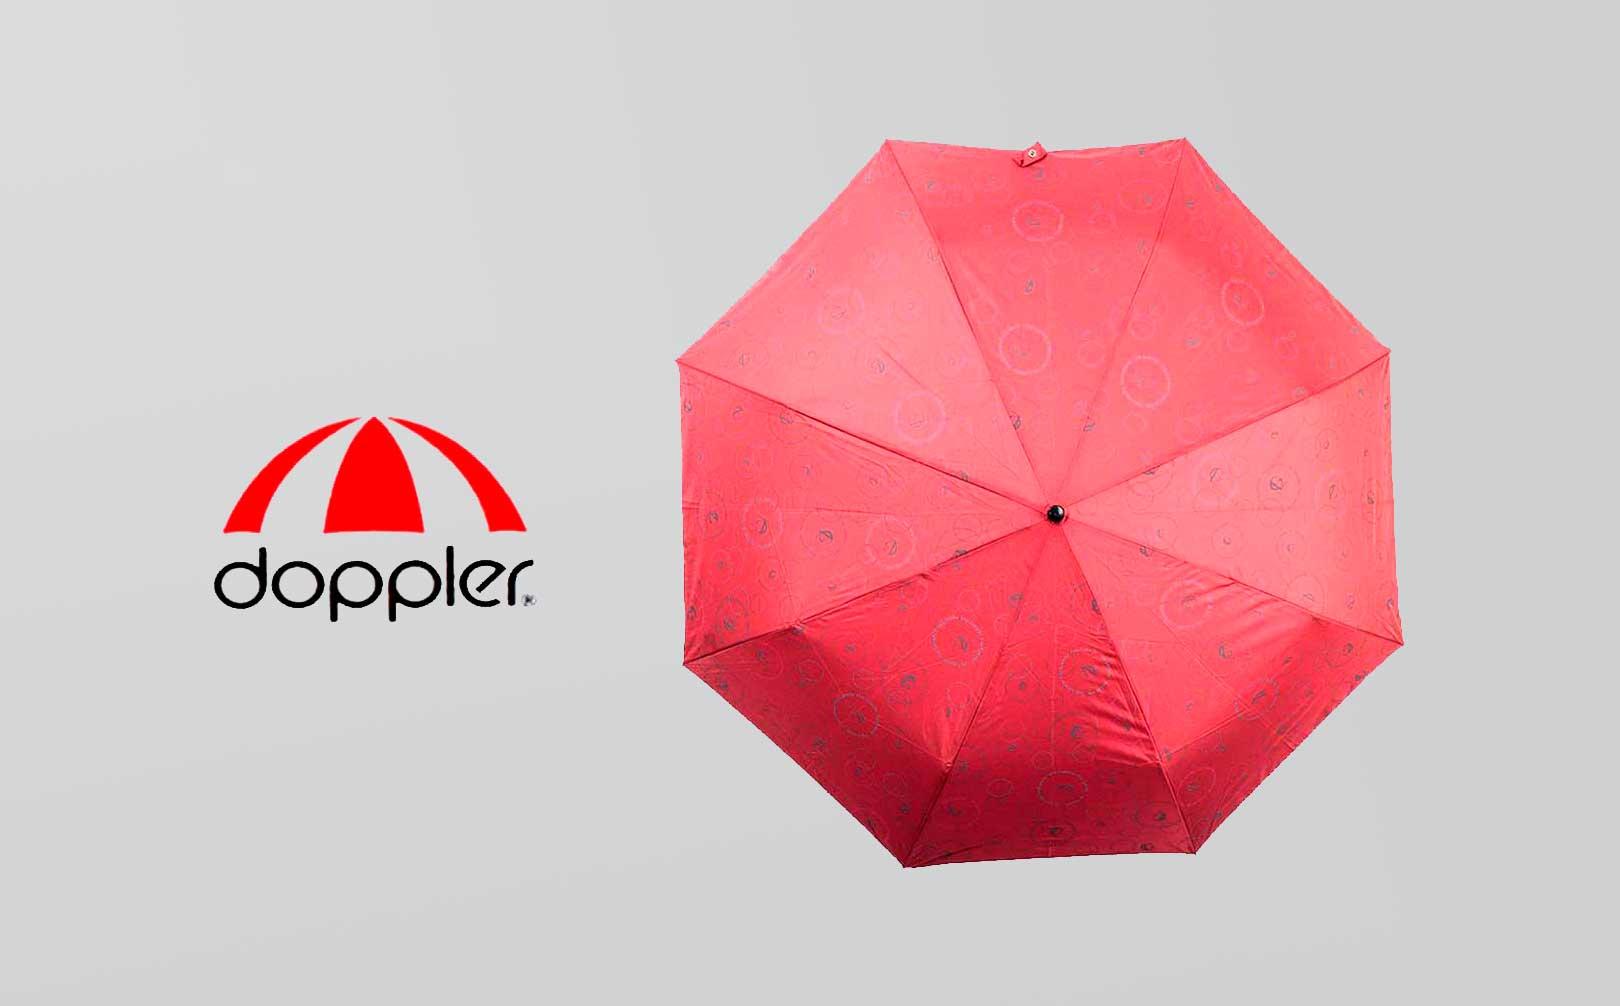 зонты dopller